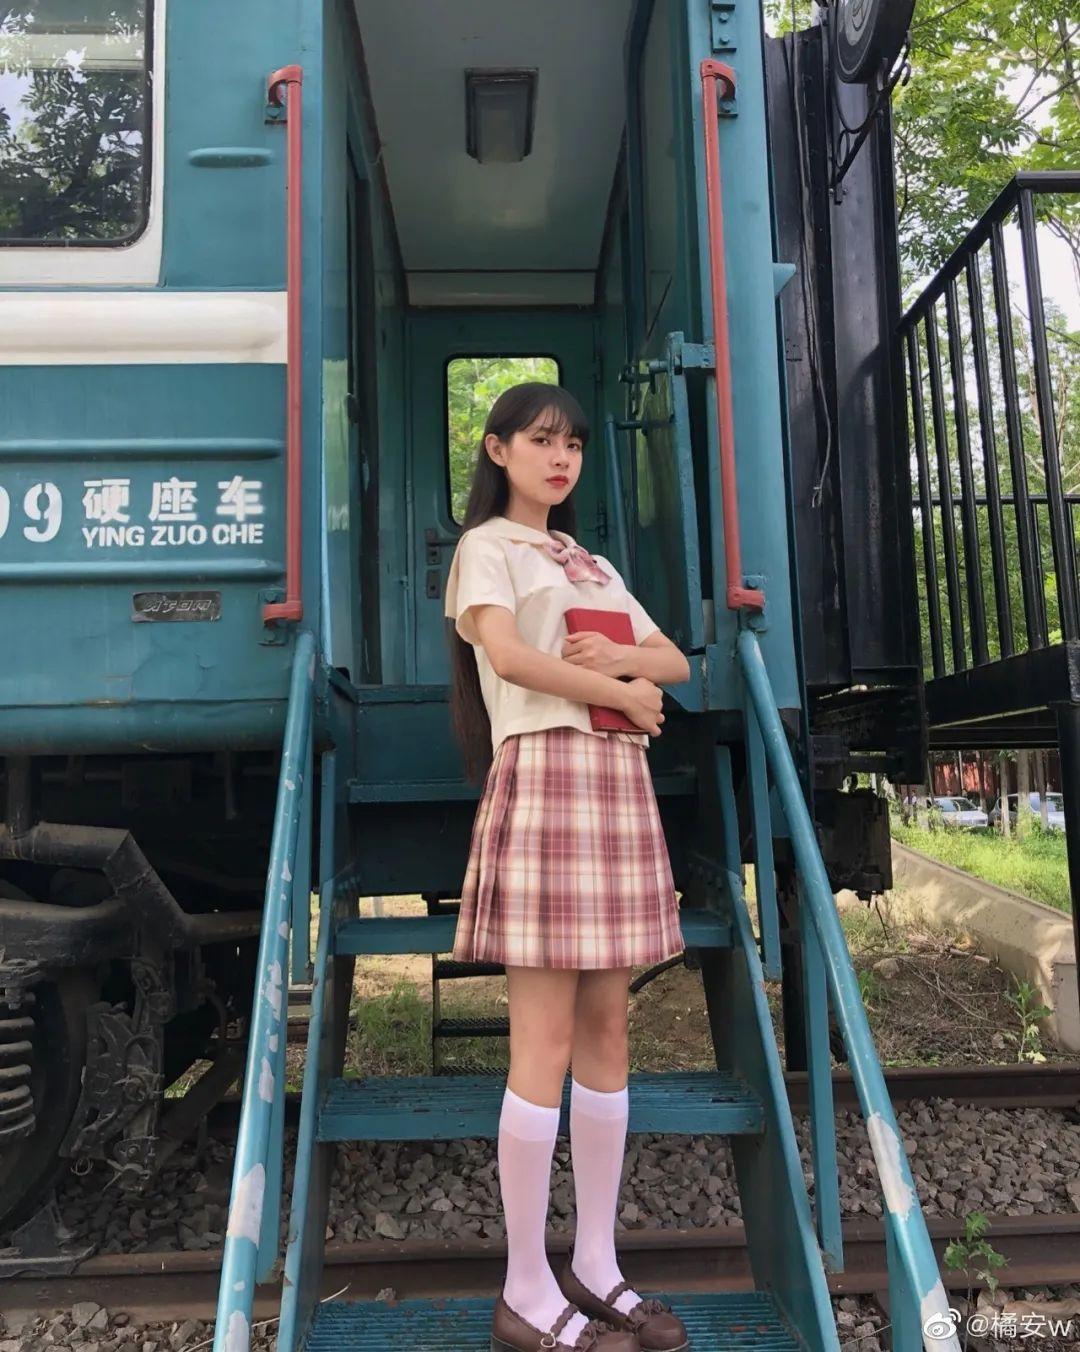 妹子摄影 – JK制服白丝小腿袜少女,初恋的香气_图片 No.6